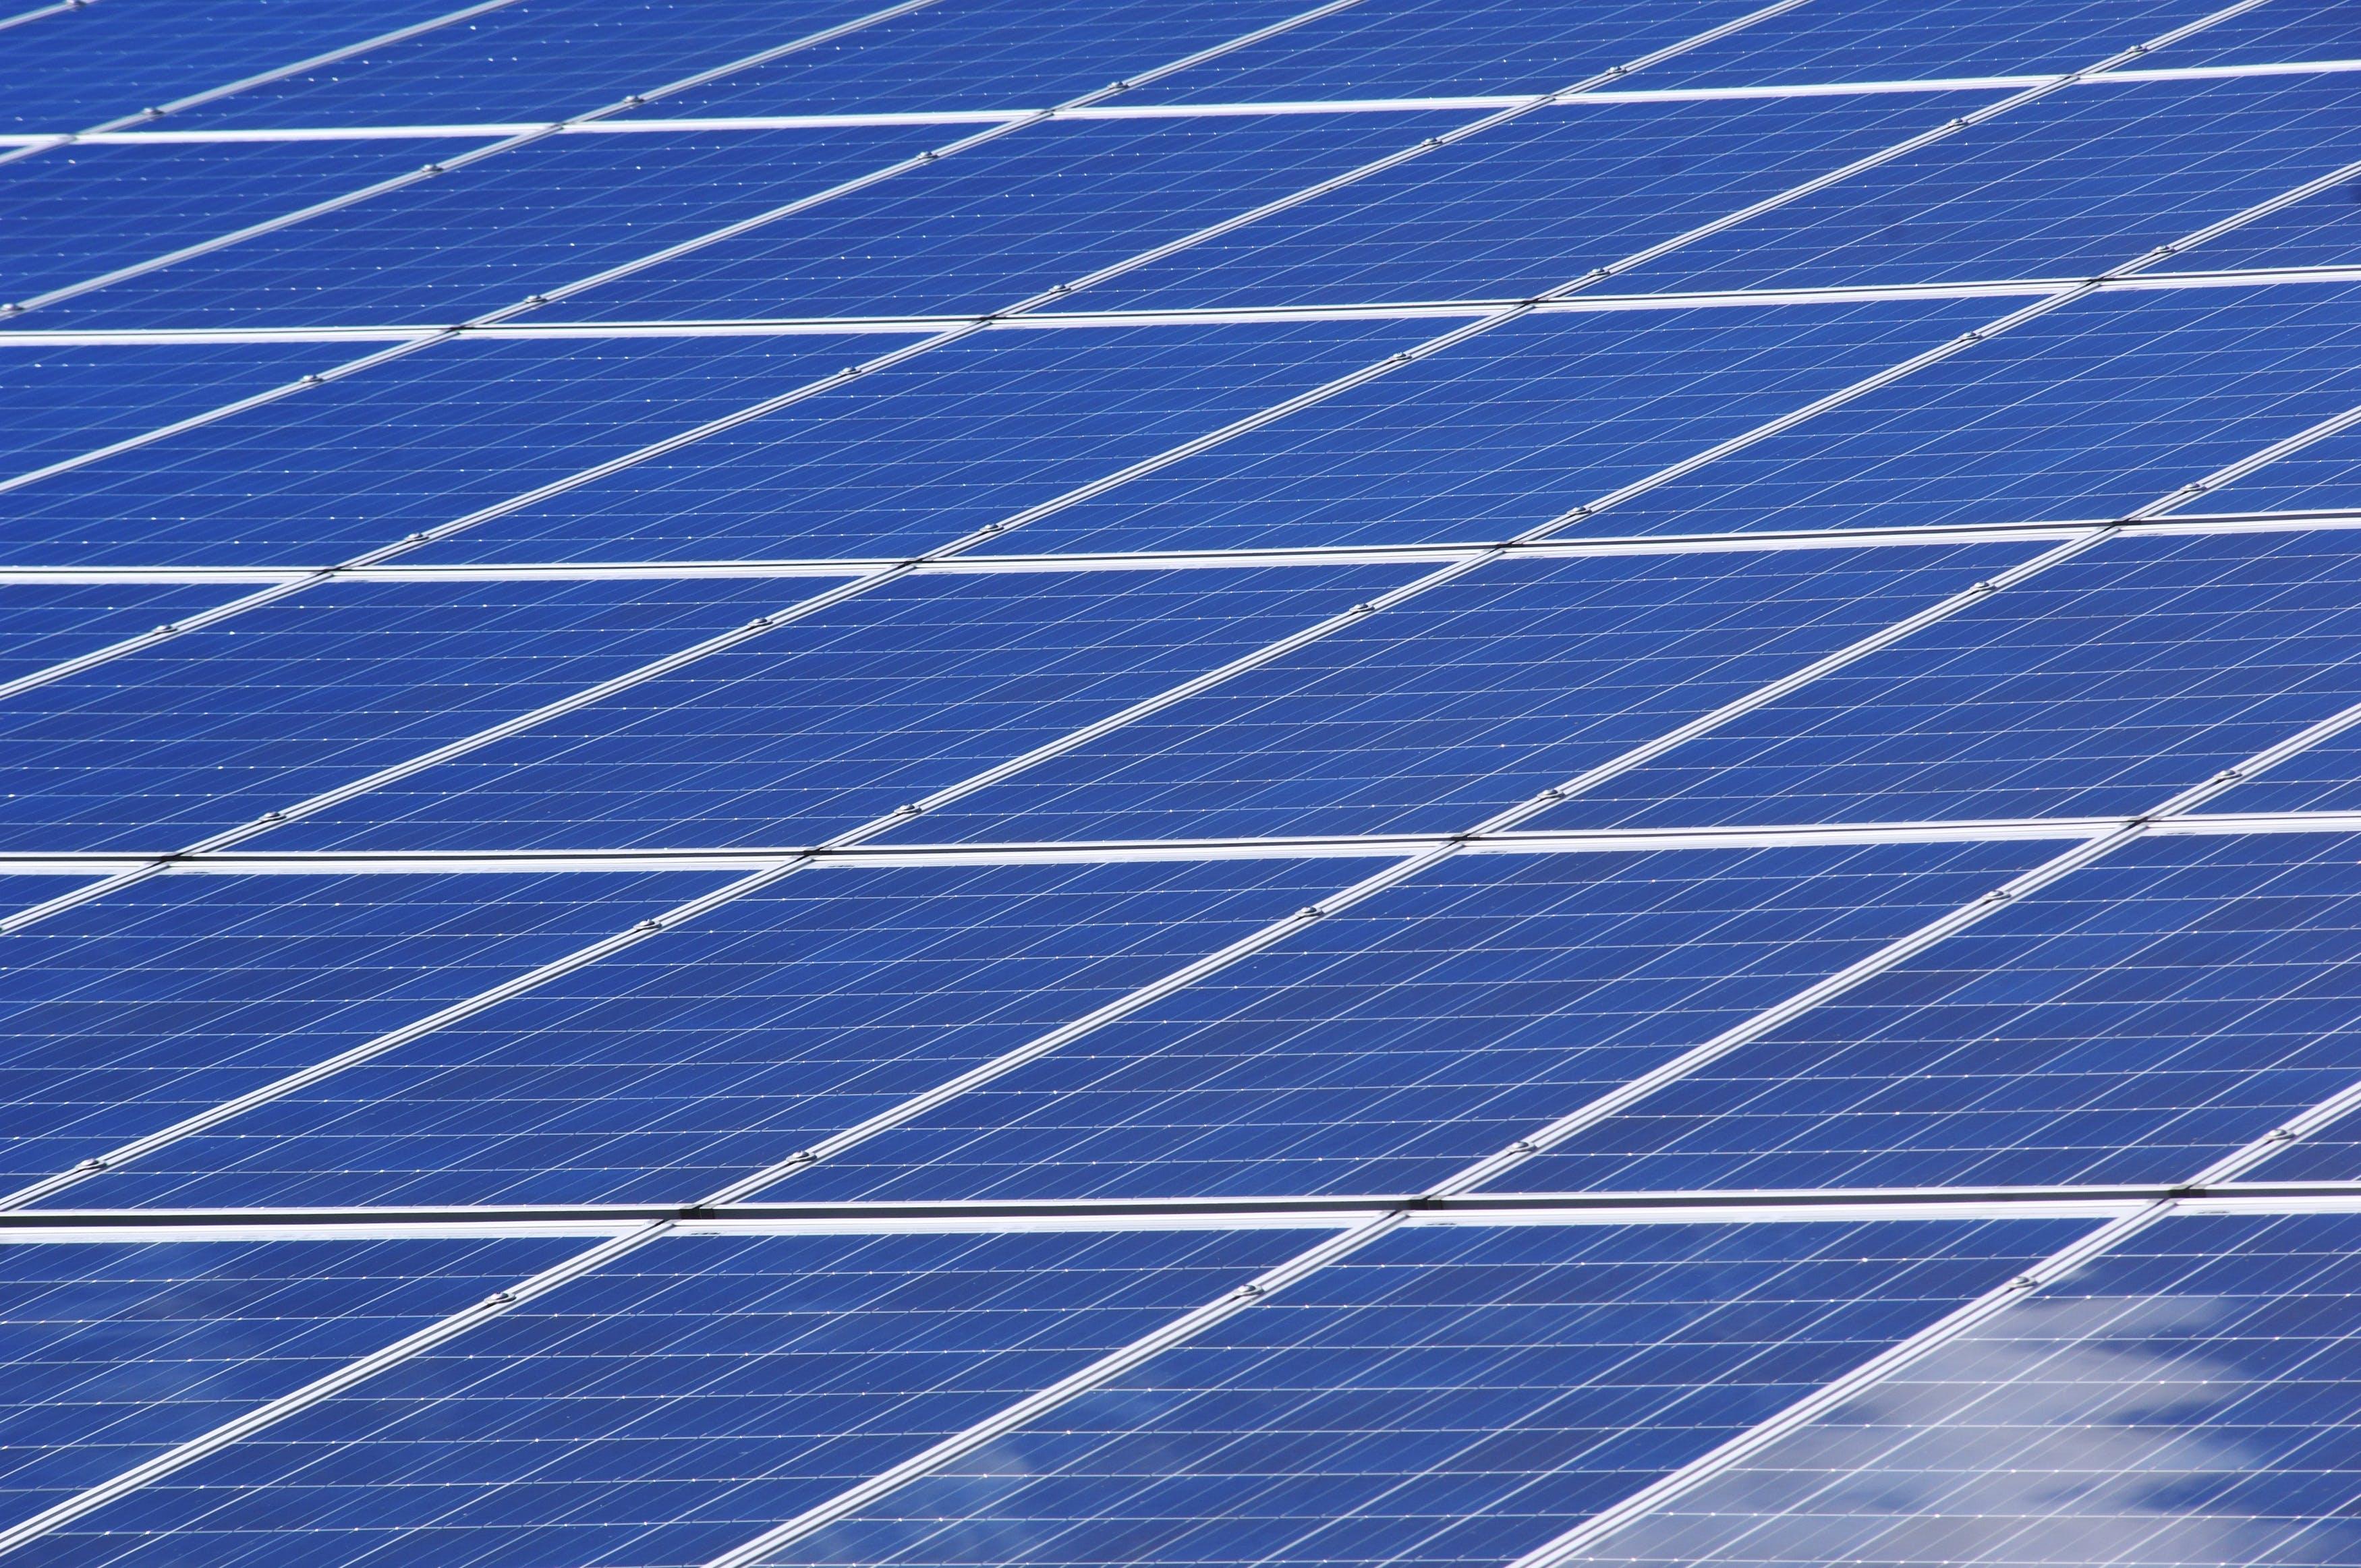 Gratis lagerfoto af alternativ, alternativ energi, bæredygtighed, effektivitet